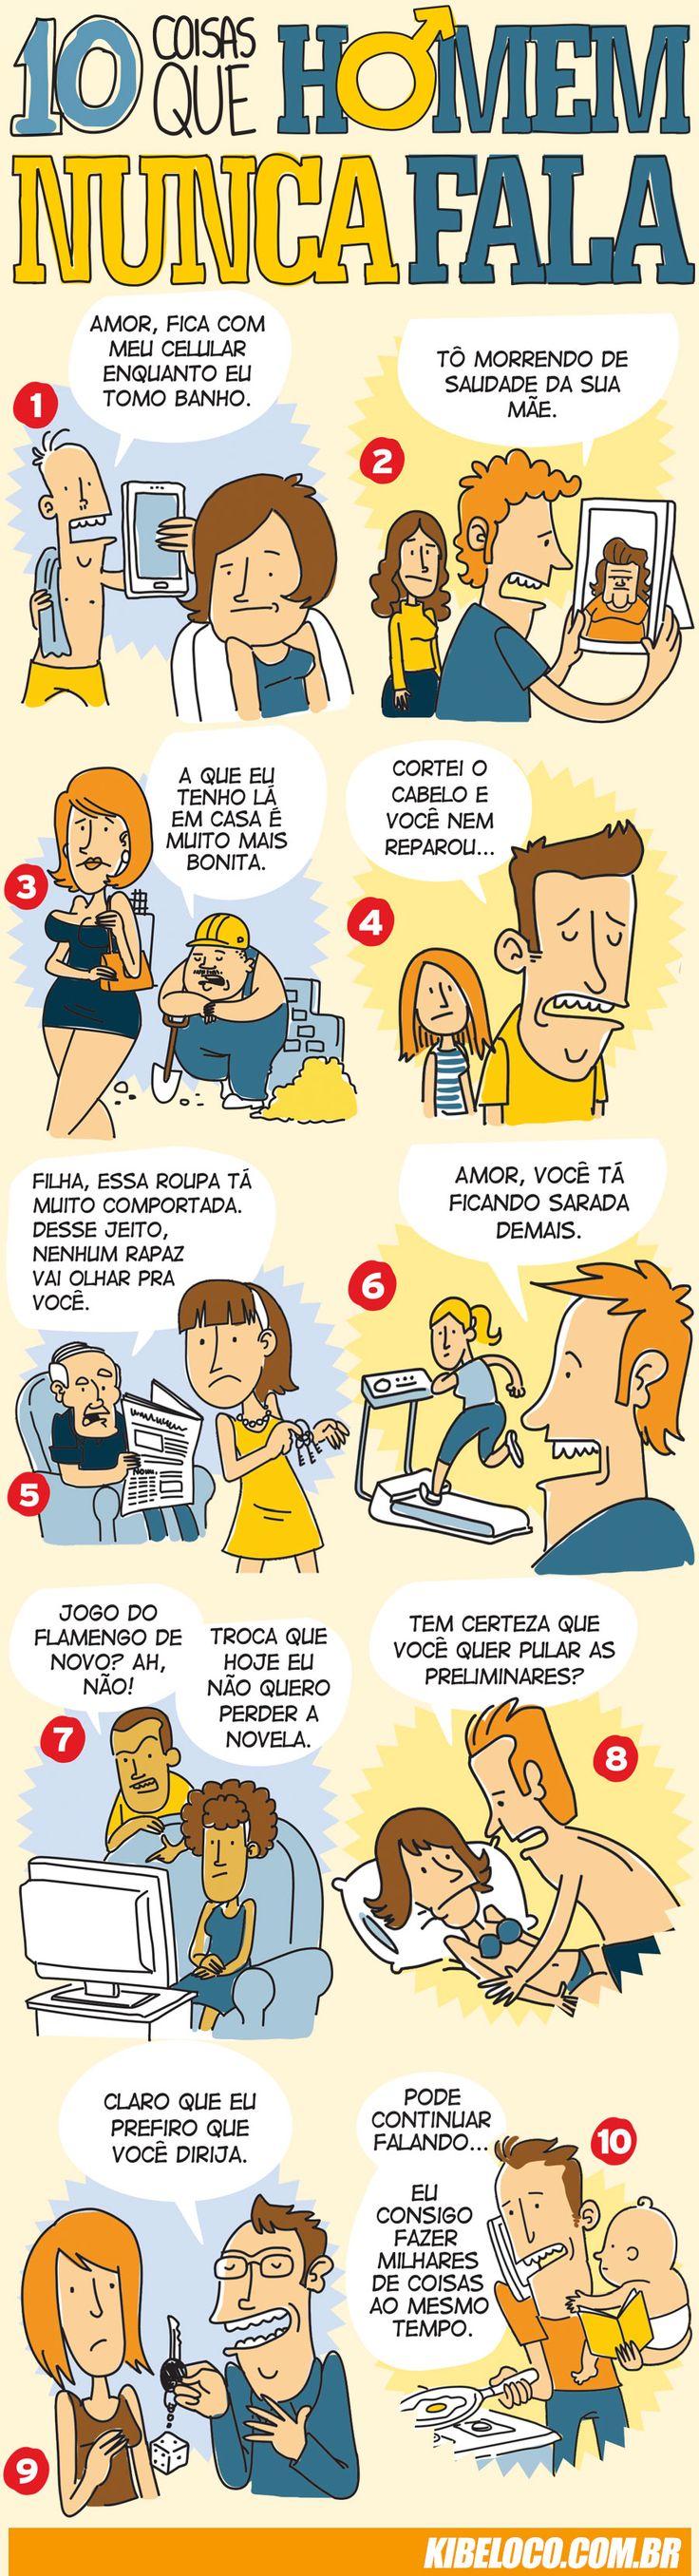 10 coisas que um homem nunca falaria